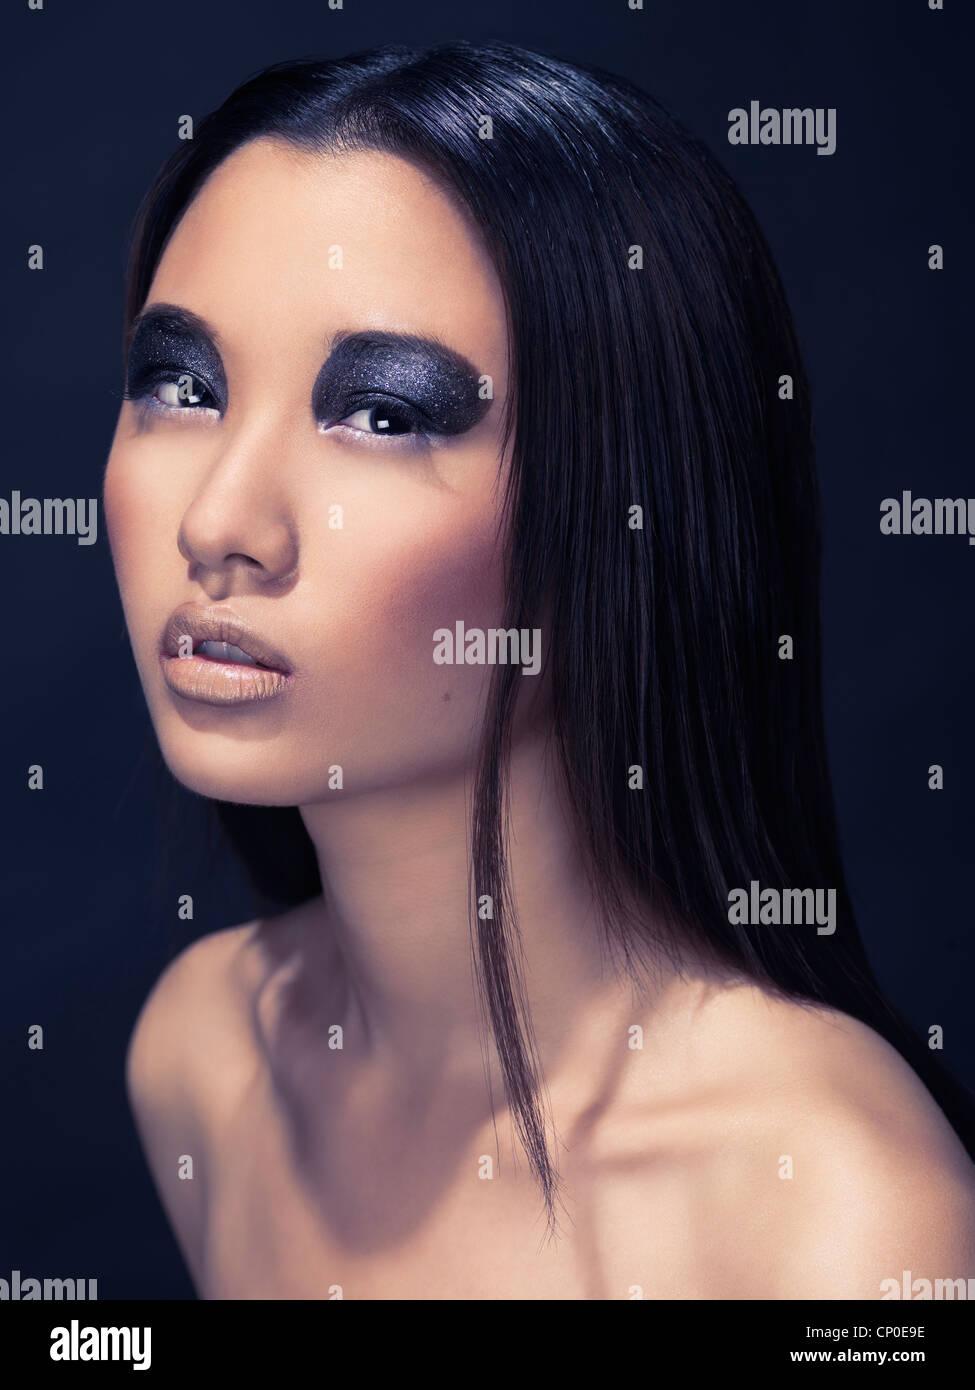 Bellezza artistica ritratto di una donna asiatica con spumante eyeshadows nero isolato su sfondo scuro Immagini Stock